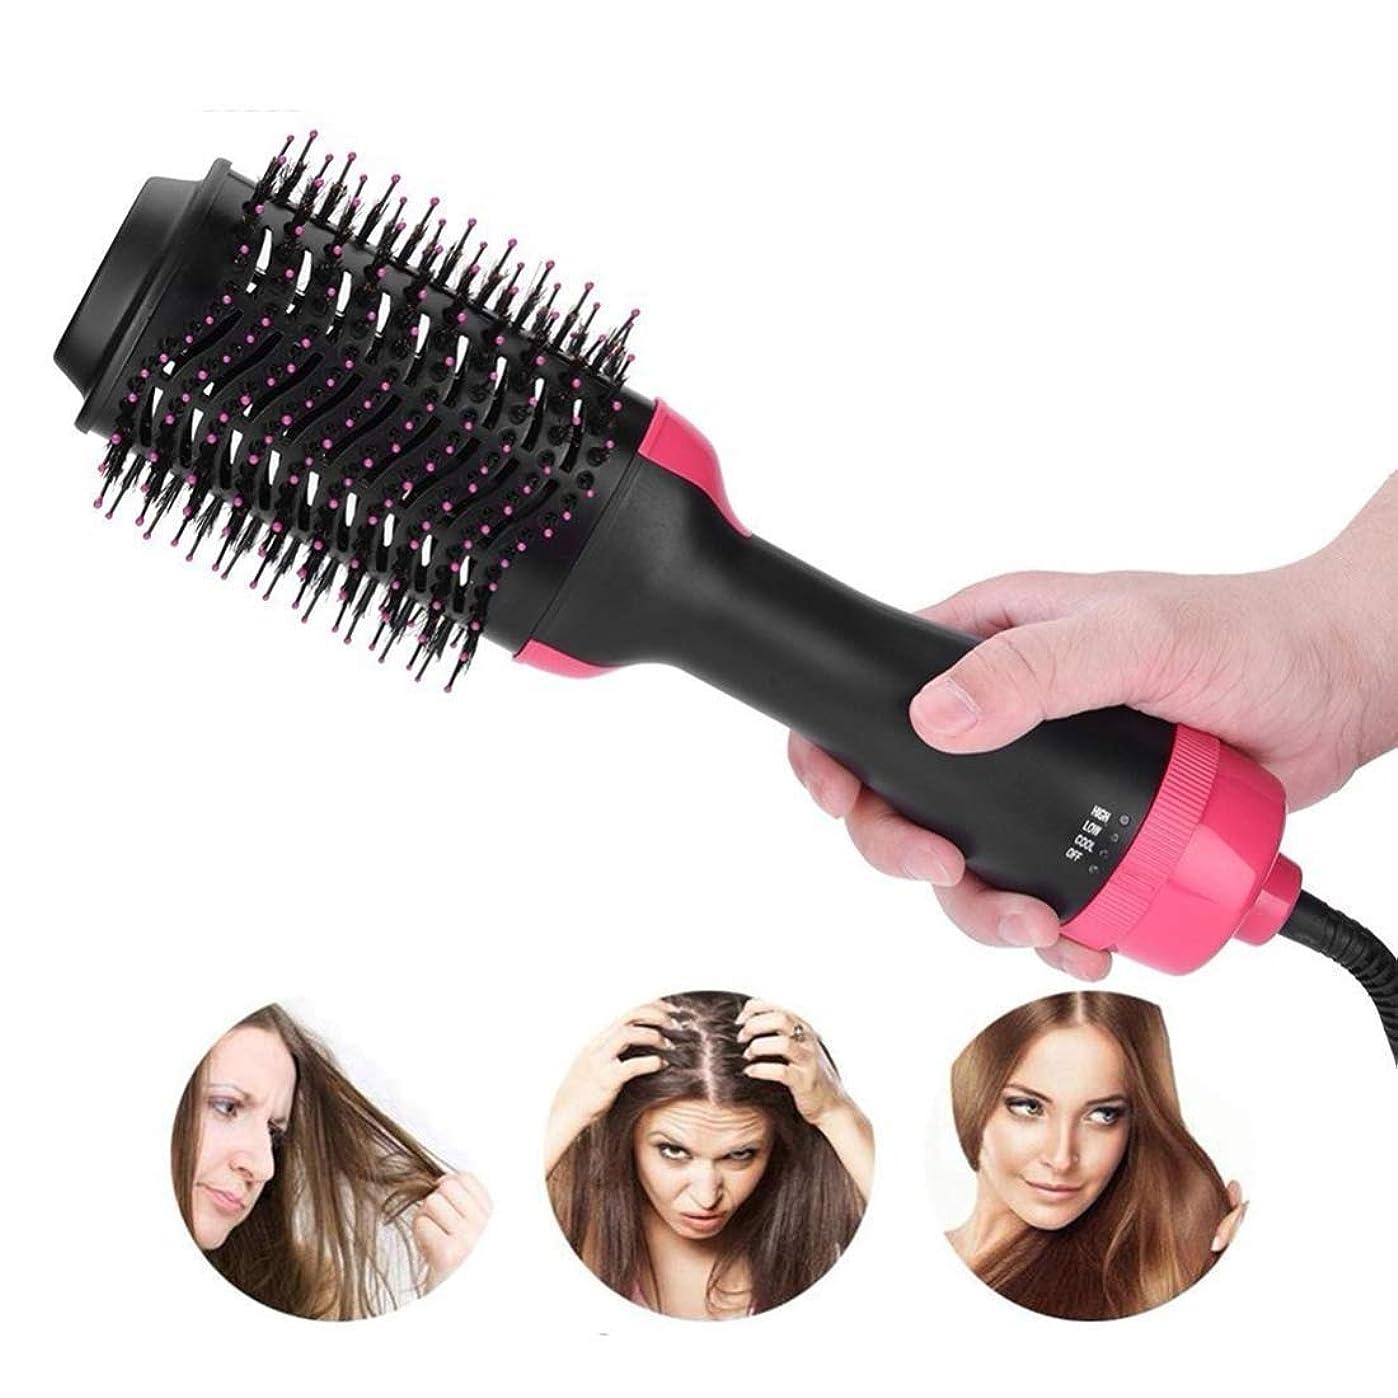 主流部分的にシルクOULYO- ワンステップヘアードライヤーとボリューマイザースタイラー、多機能強化剤とカーラー、IONICセラミック、マルチヒートセッティング、1000ワットすべての髪に最適